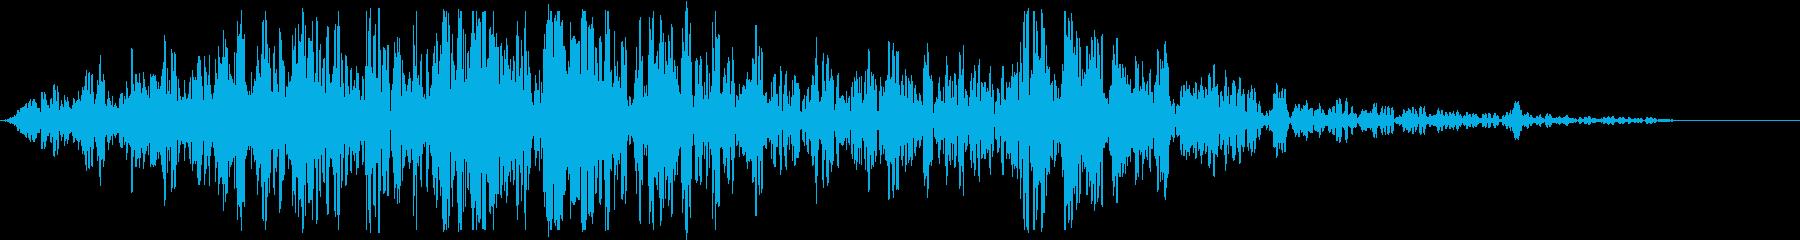 タイトルロゴに合うサウンドの再生済みの波形